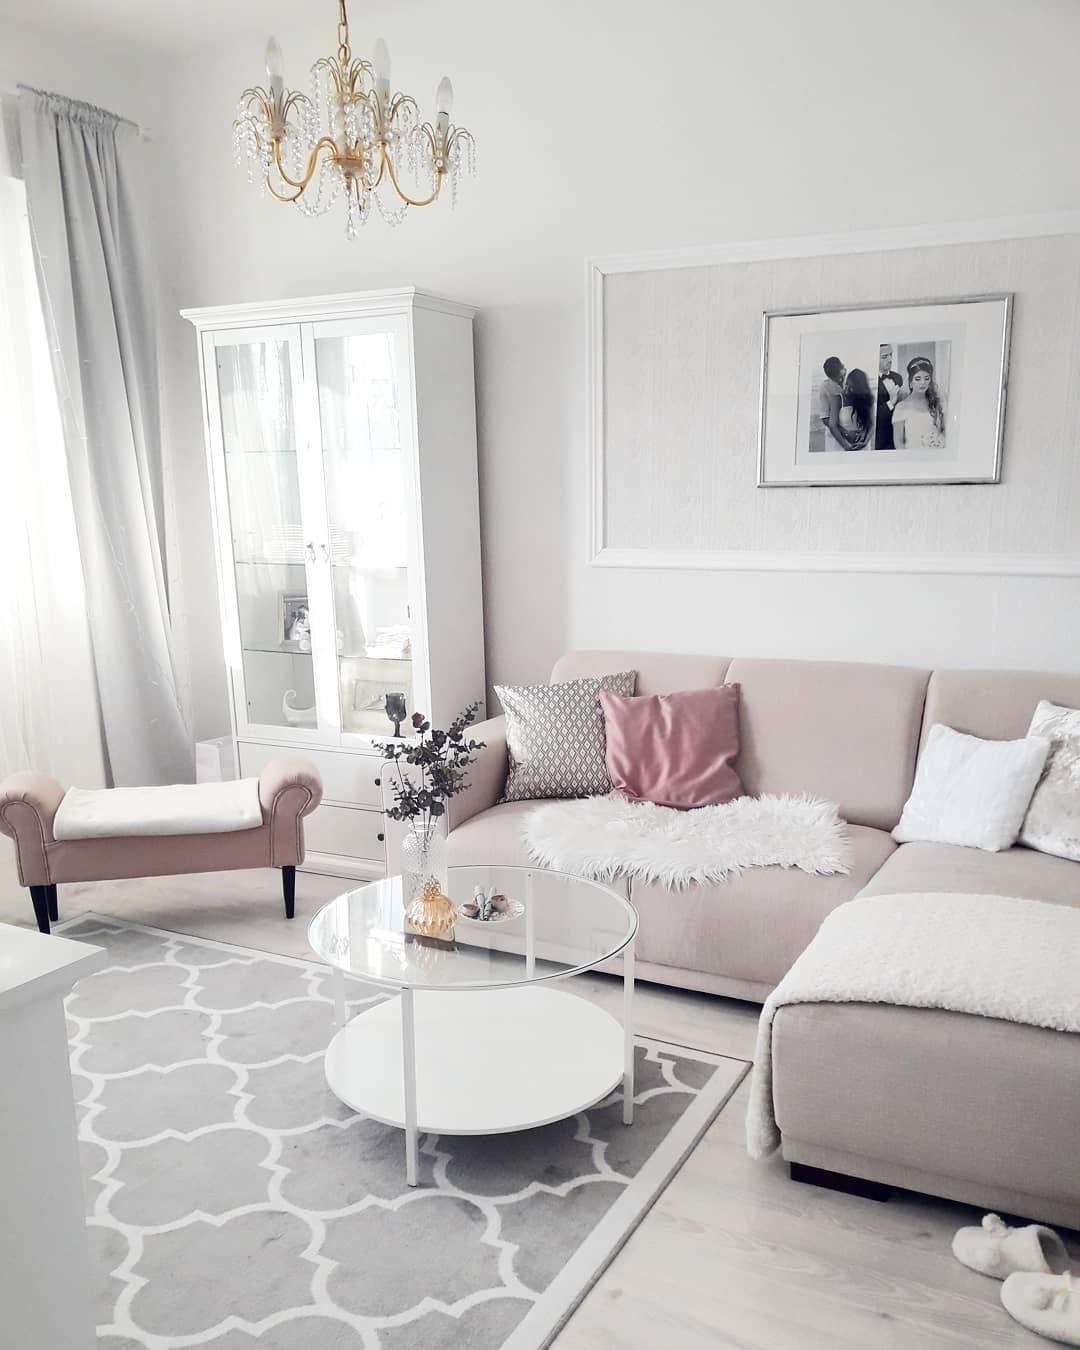 Schlichte Eleganz In Diesem Wunderschonen Wohnzimmer In Grau Rosa Kann Man Sich Nur Wohlfuhlen Ein Einzigartiger Teppich Ein Eleganter C Schone Wohnzimmer Helle Wohnzimmer Und Wohnzimmer Design